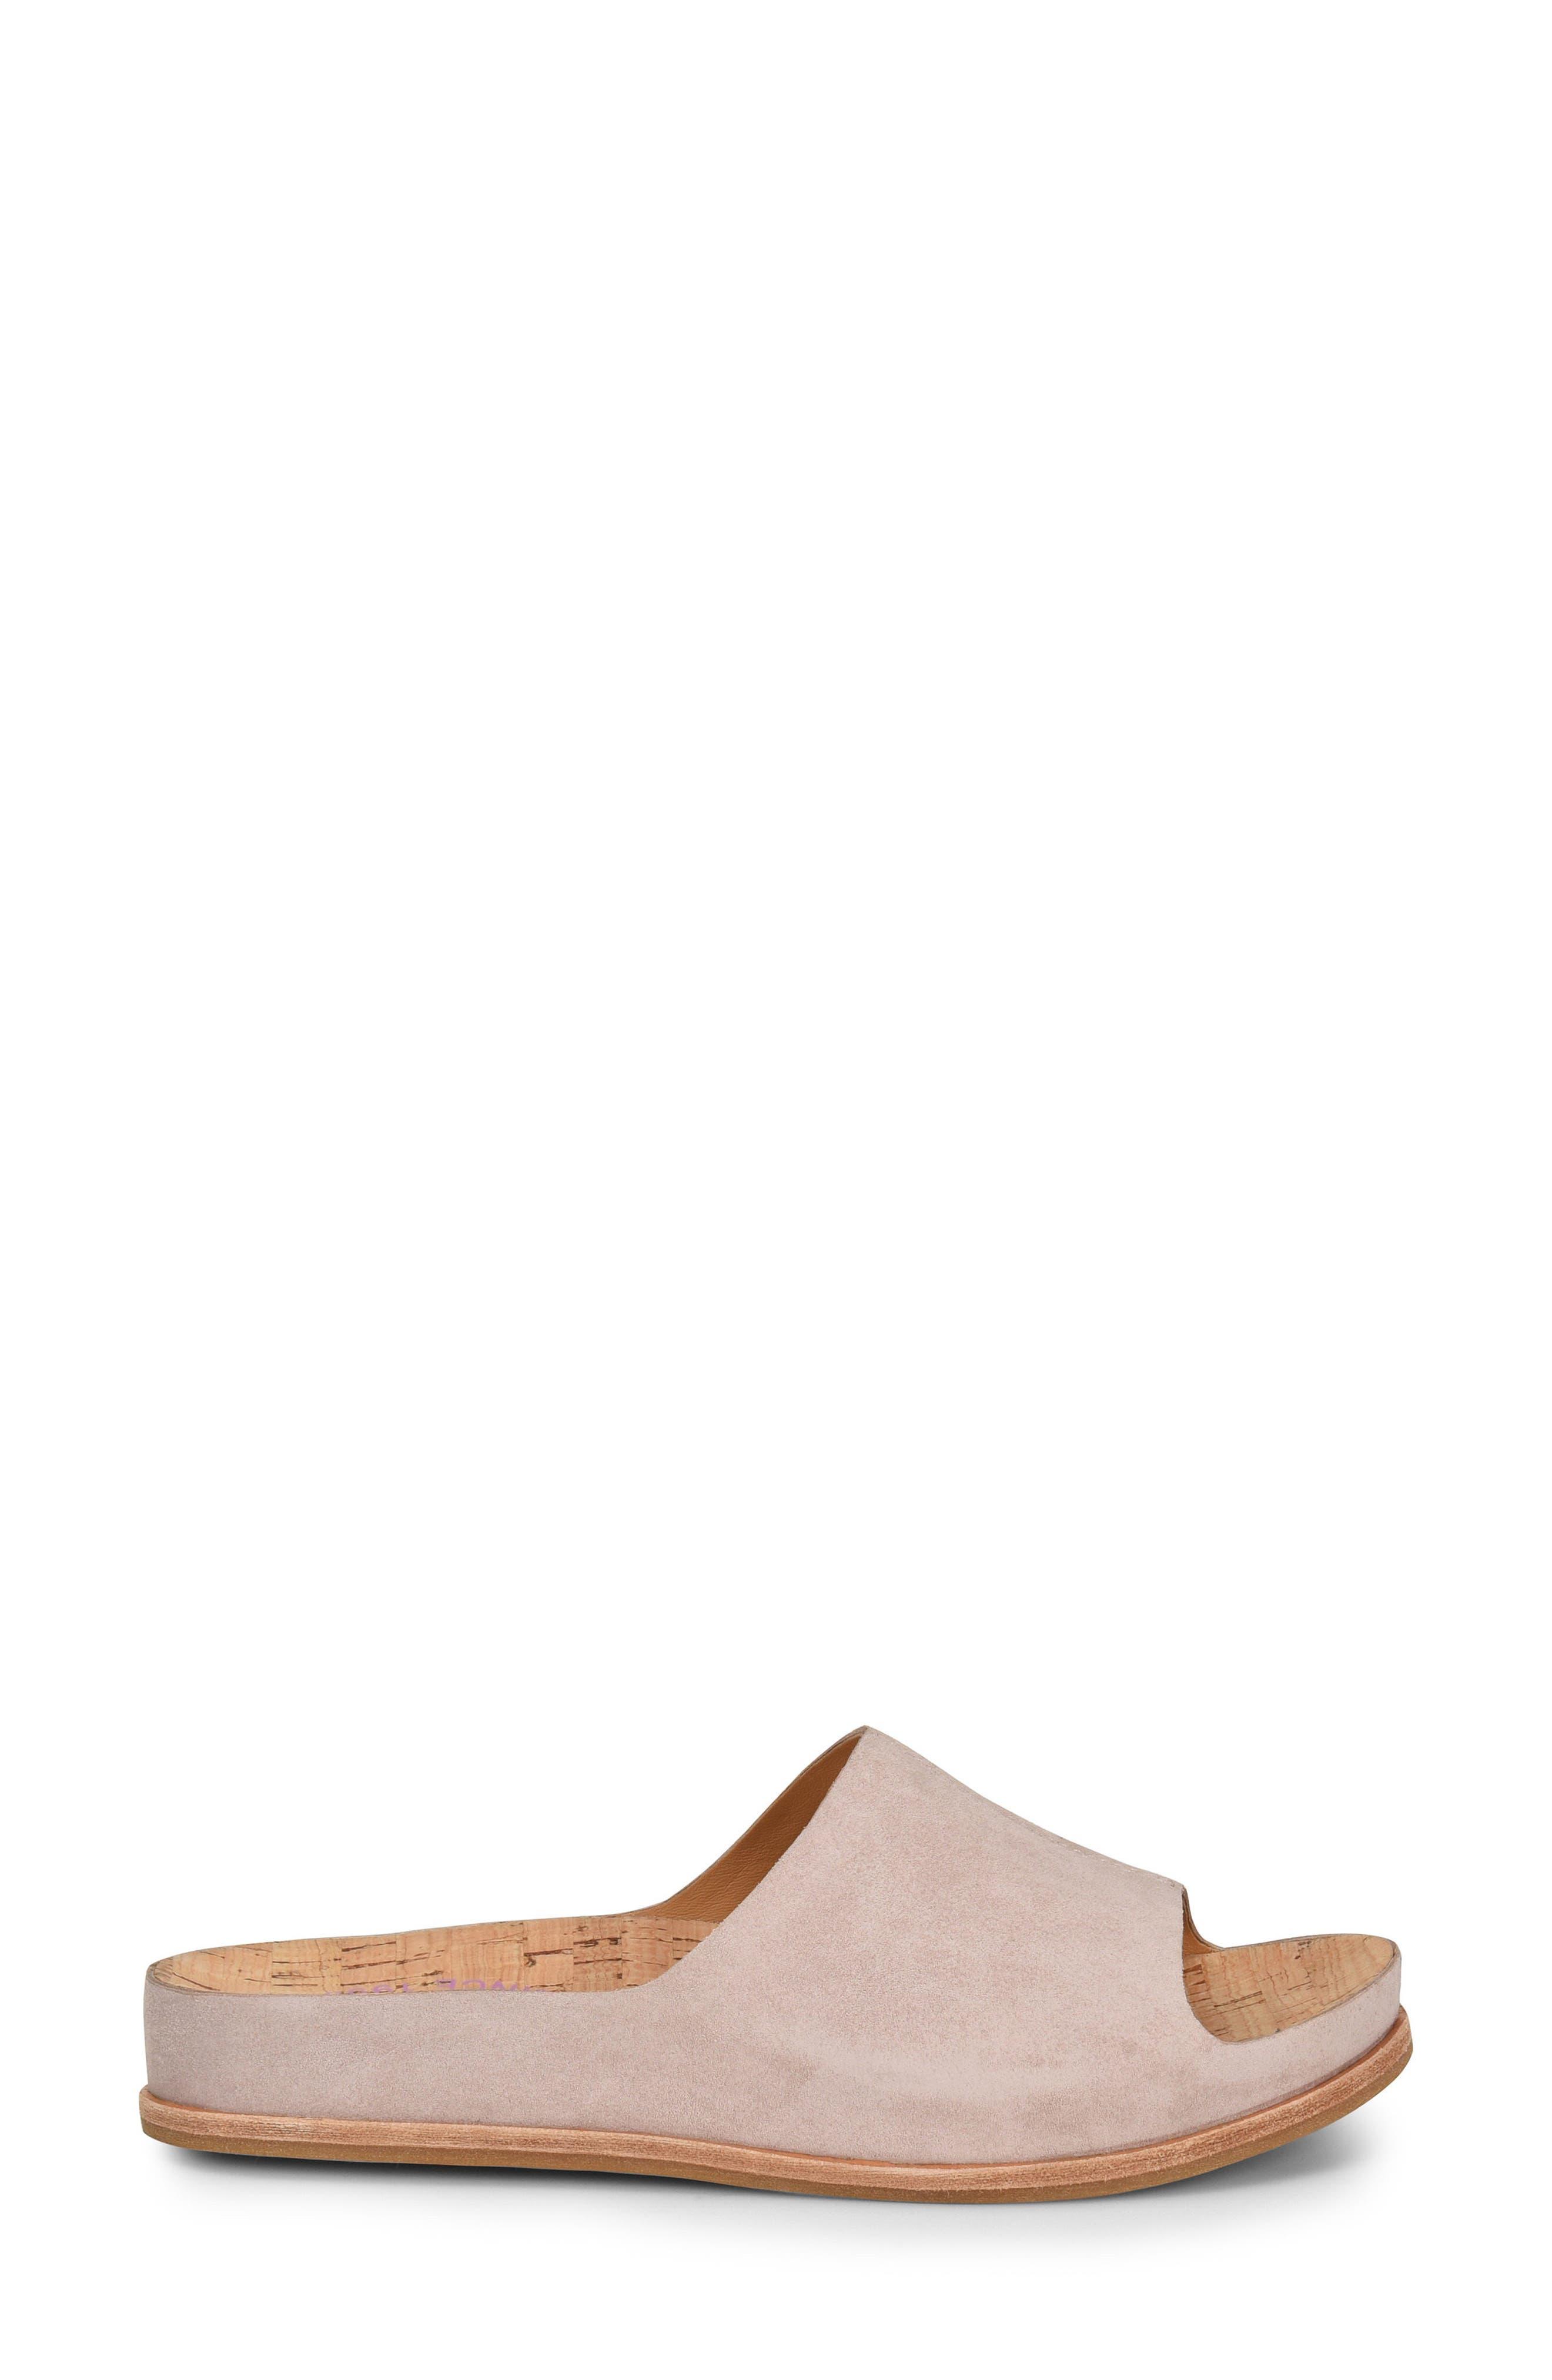 Alternate Image 3  - Kork-Ease® 'Tutsi' Slide Sandal (Women)